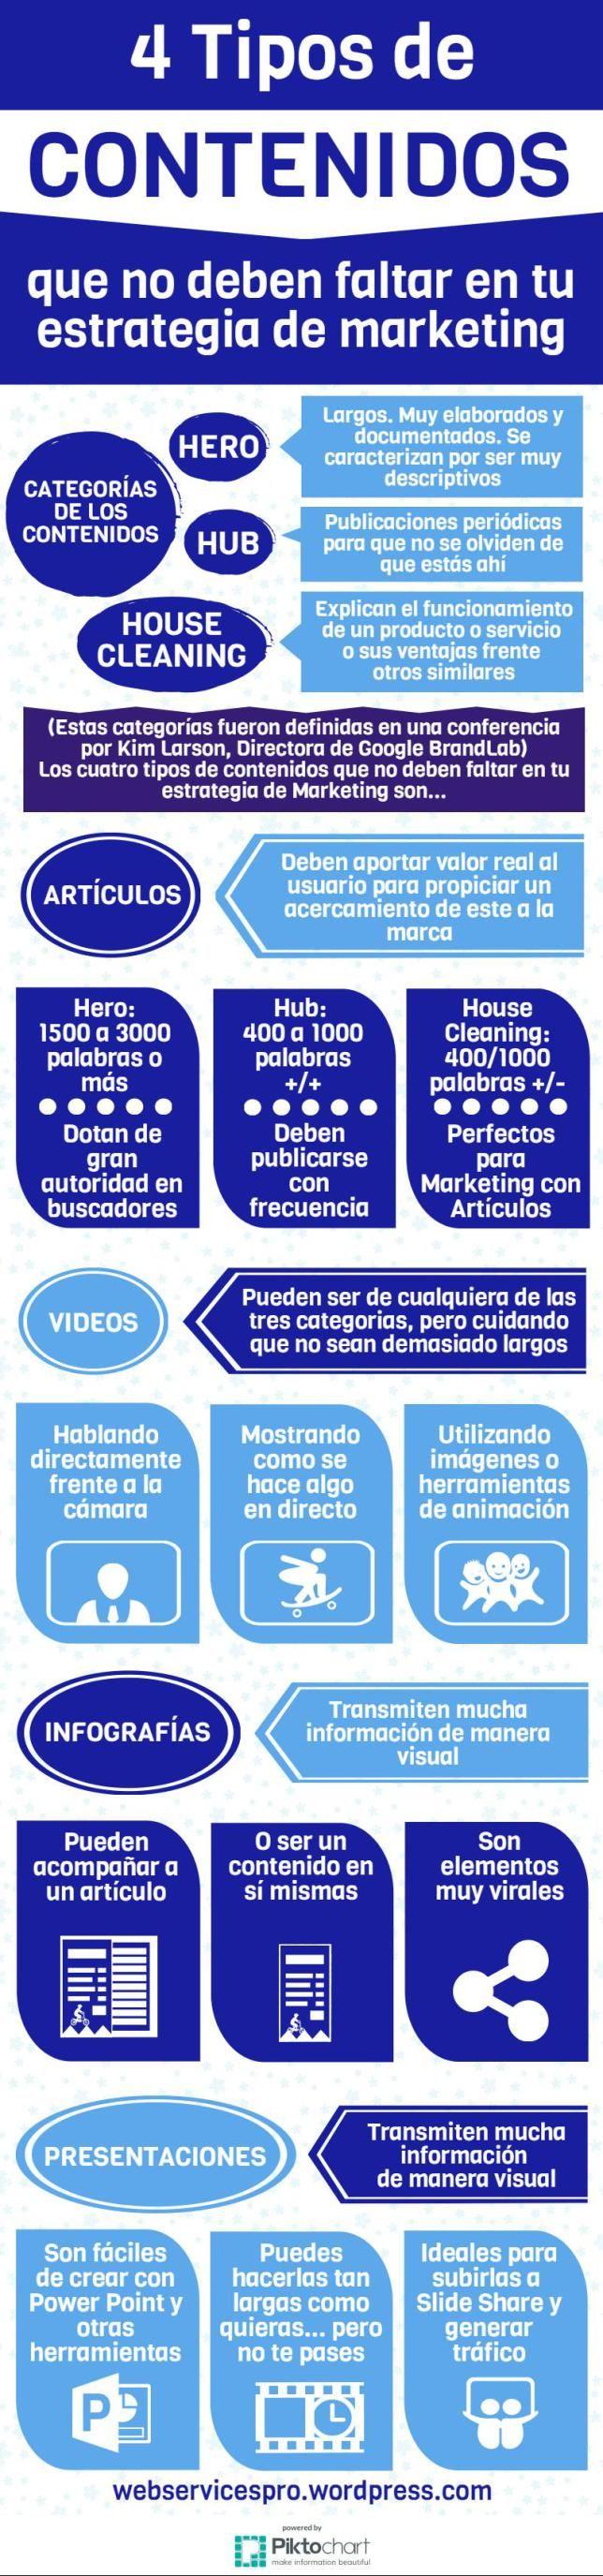 Hola: Una infografía con 4 Tipos de contenidos que no deben faltar en tu estrategia de marketing. Vía Un saludo